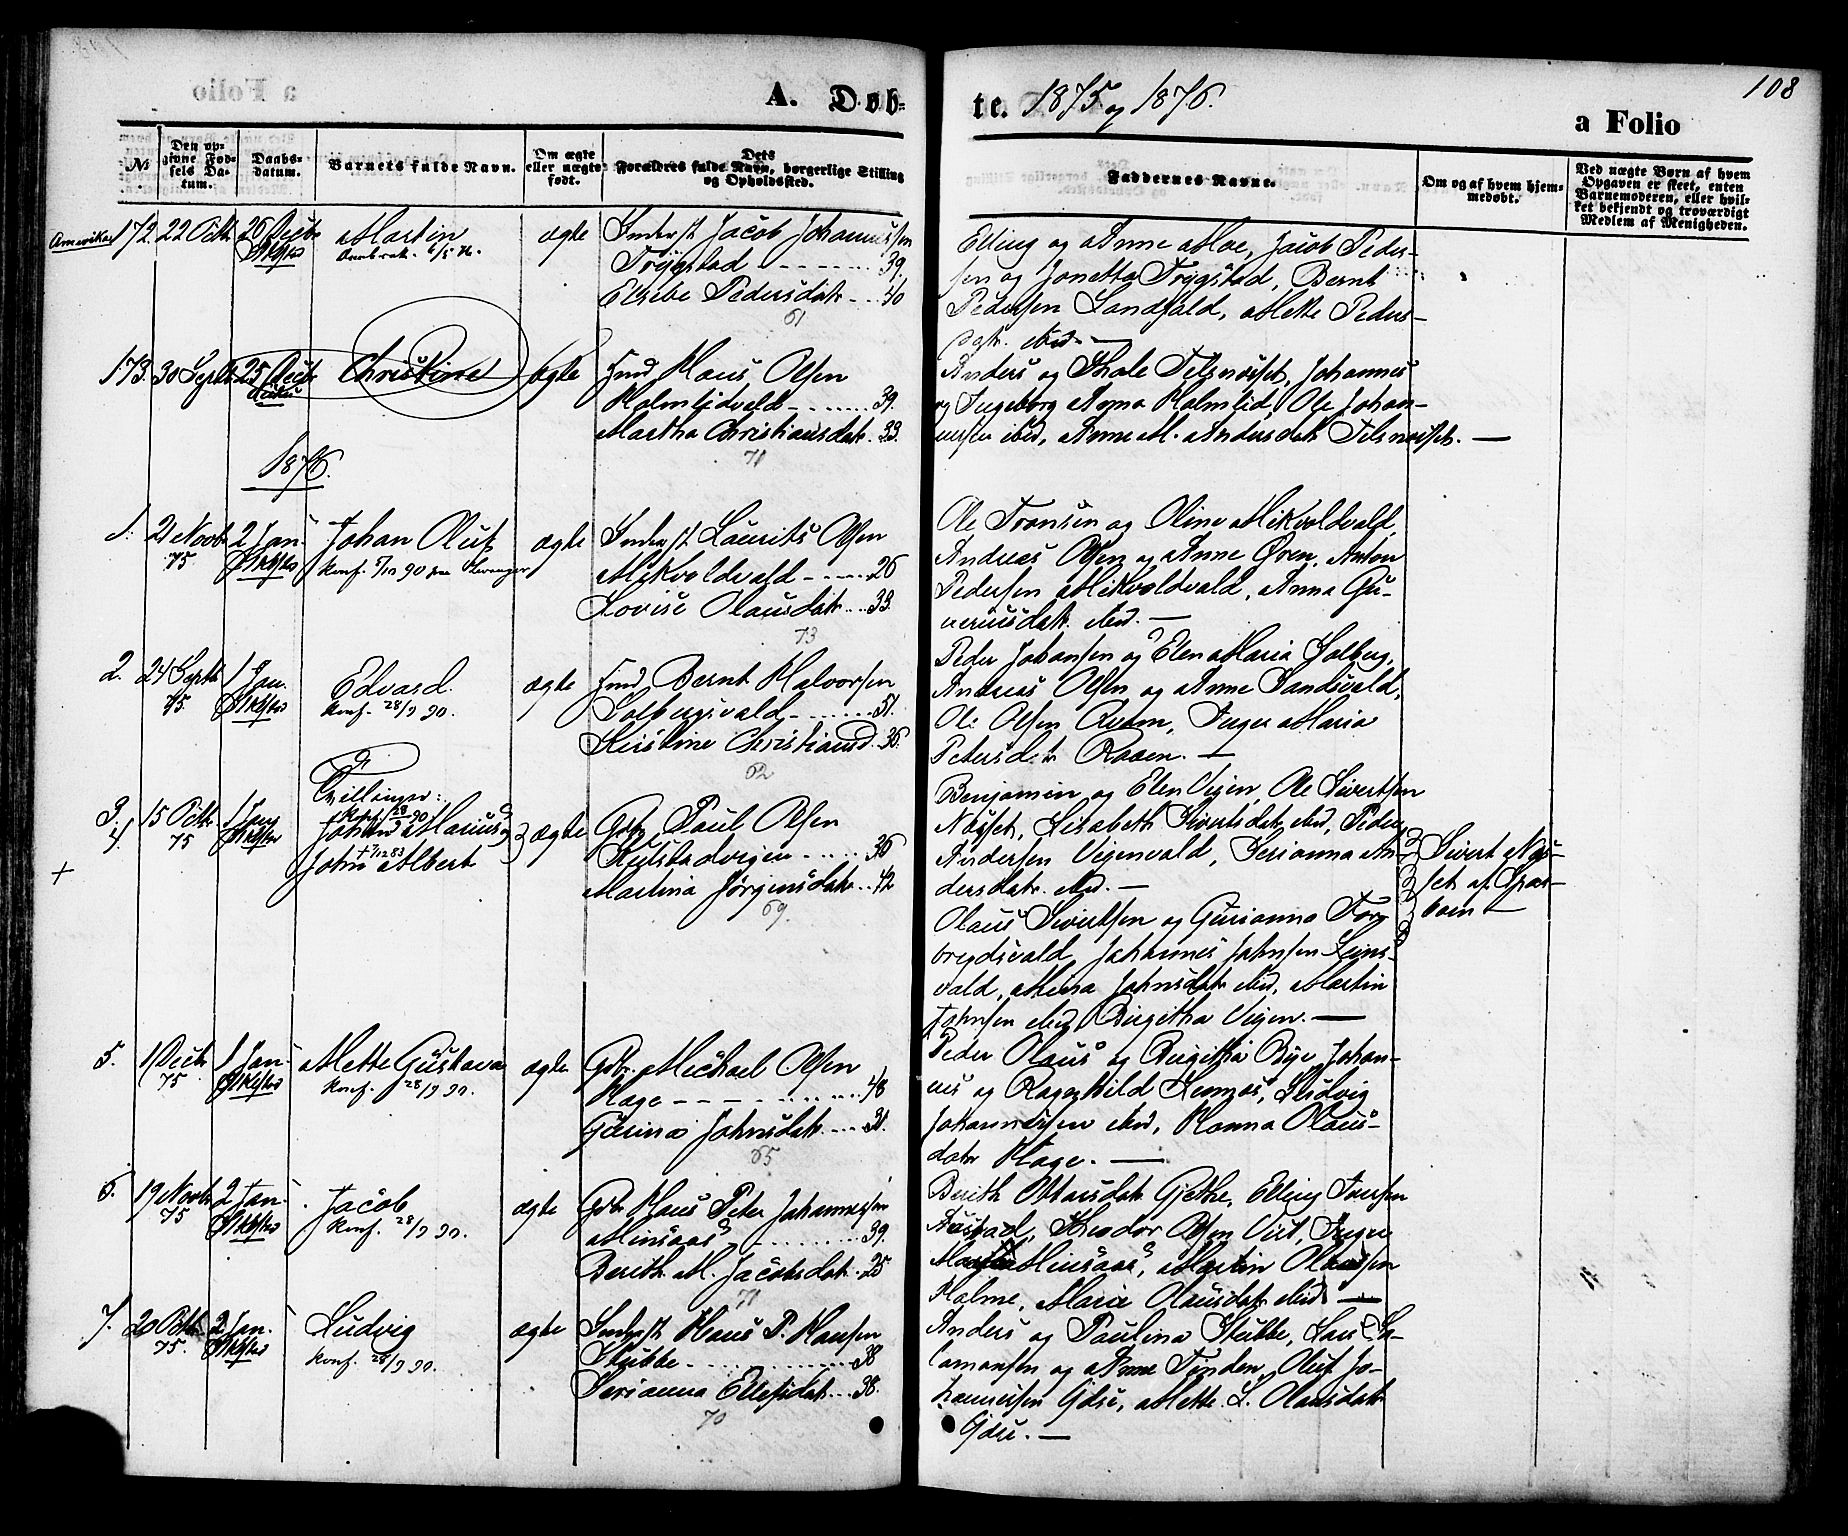 SAT, Ministerialprotokoller, klokkerbøker og fødselsregistre - Nord-Trøndelag, 723/L0242: Ministerialbok nr. 723A11, 1870-1880, s. 108